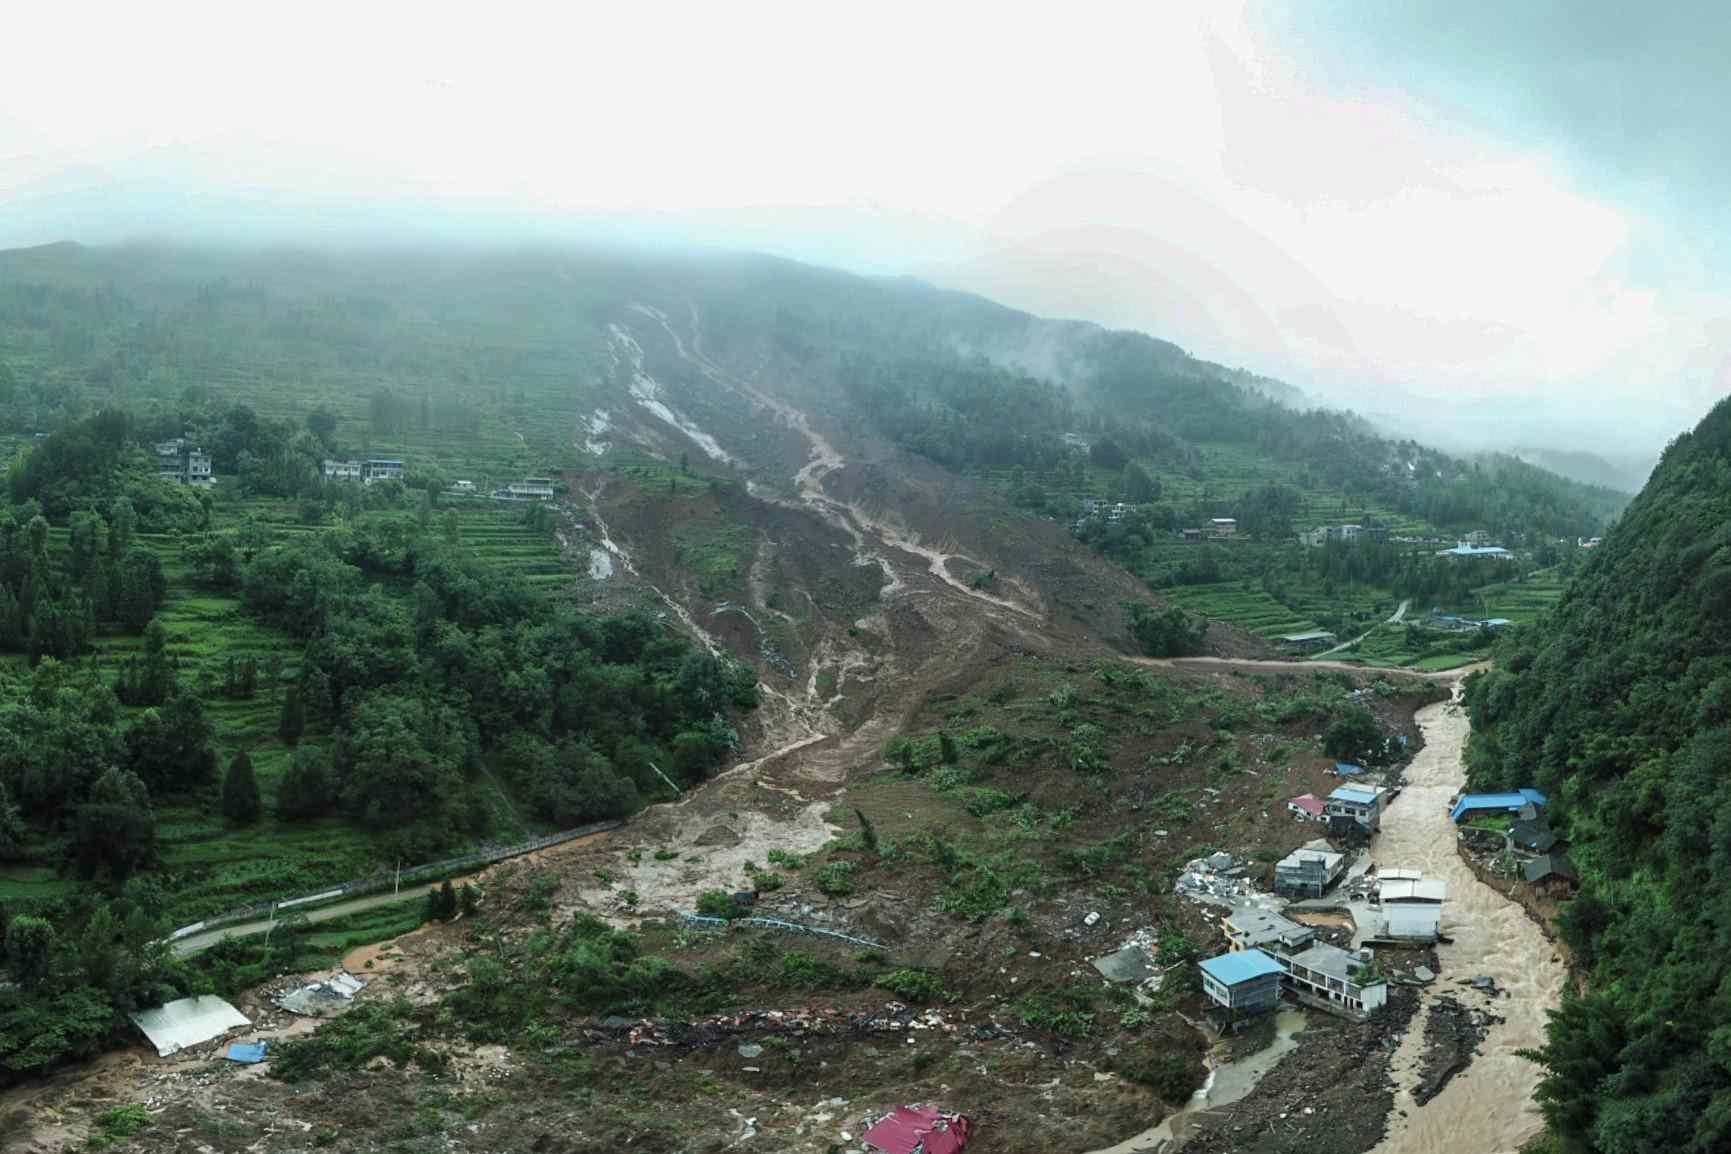 Landslide in Guizhou, China